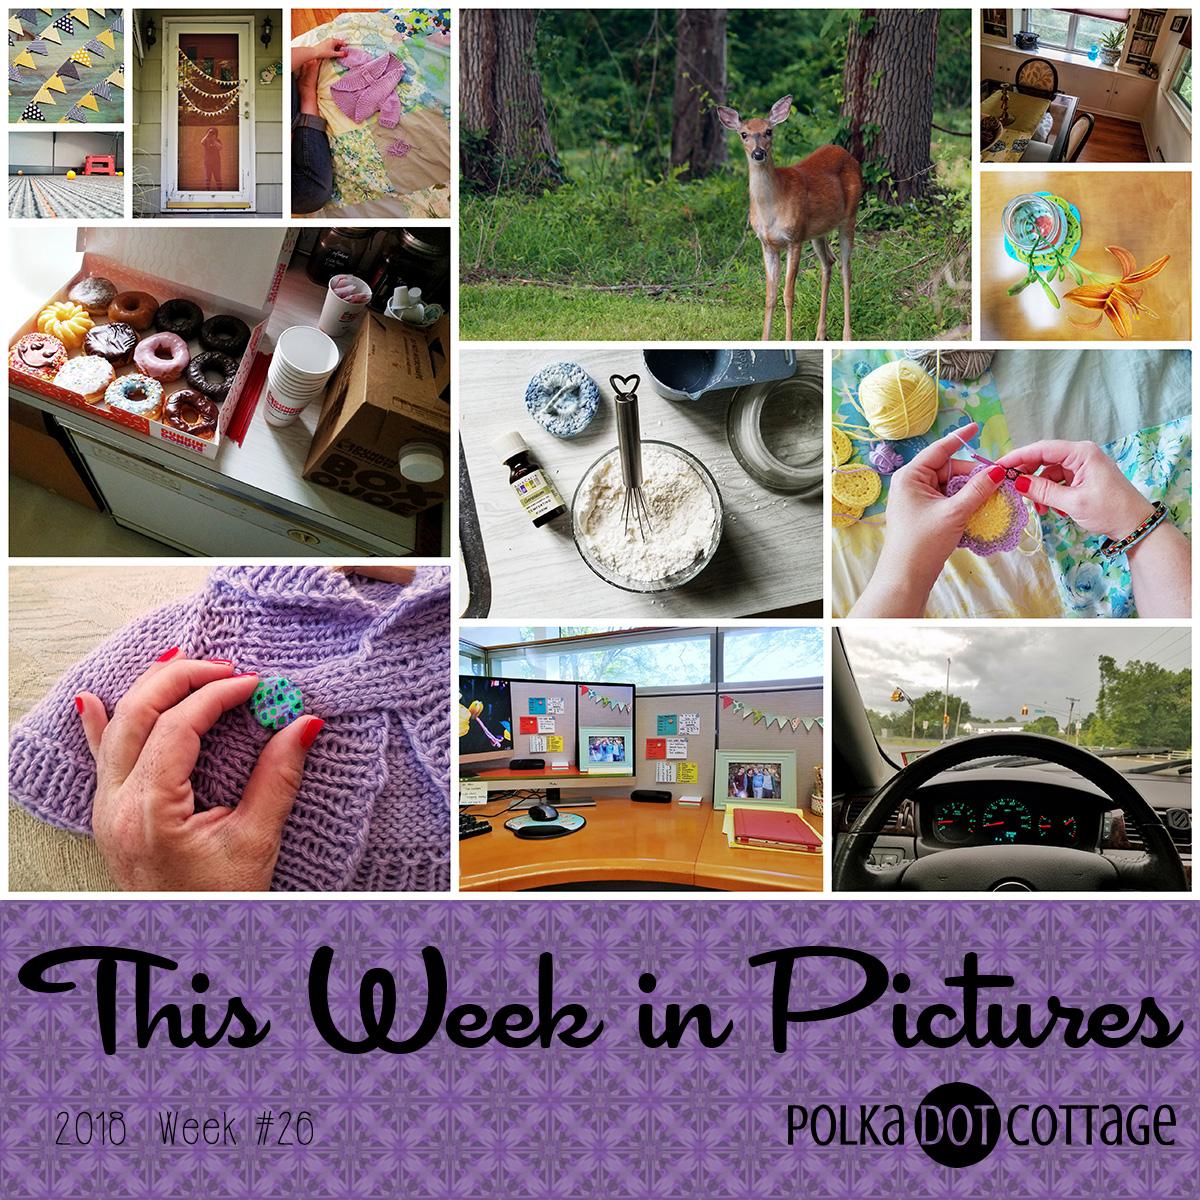 This Week in Pictures, Week 26, 2018